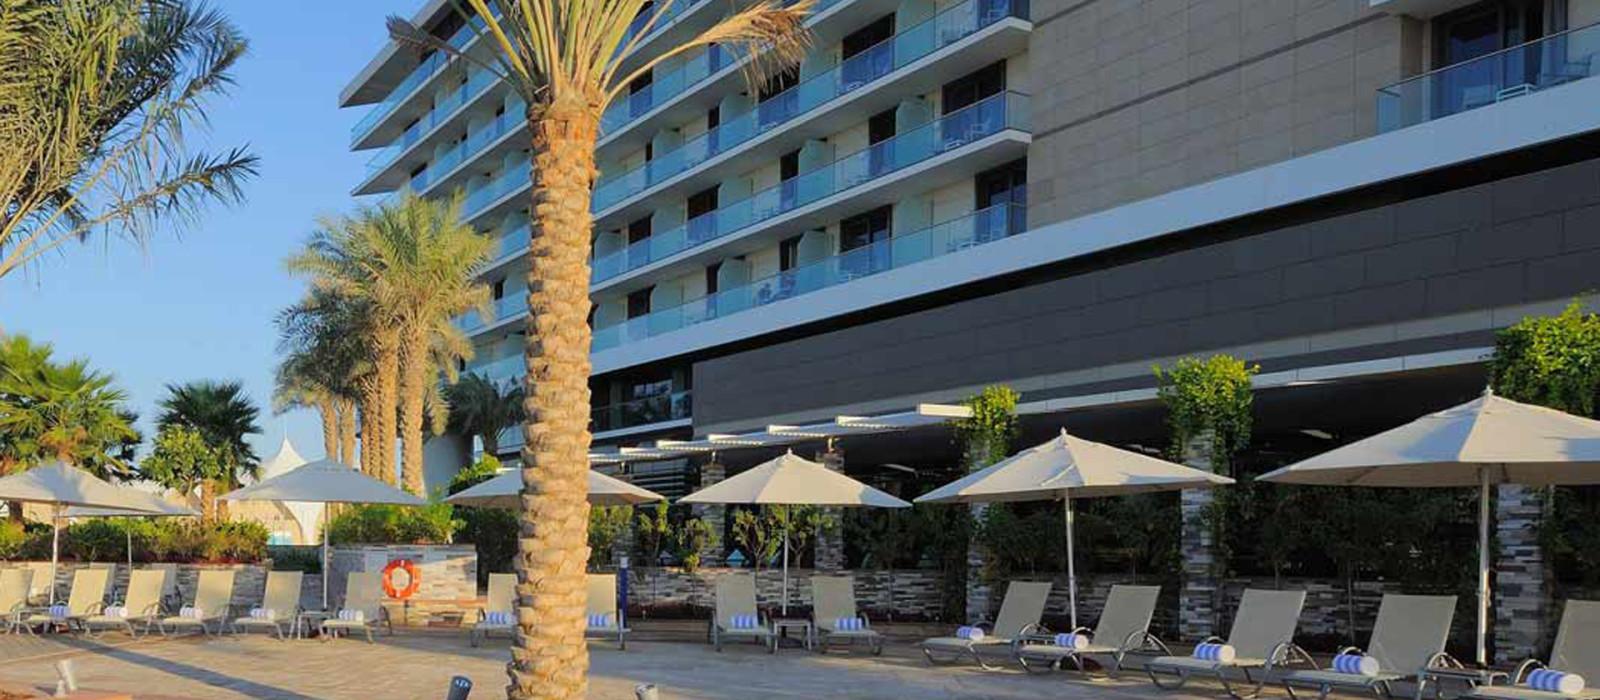 Hotel Park Inn by Radisson Abu Dhabi, Yas Island Oman